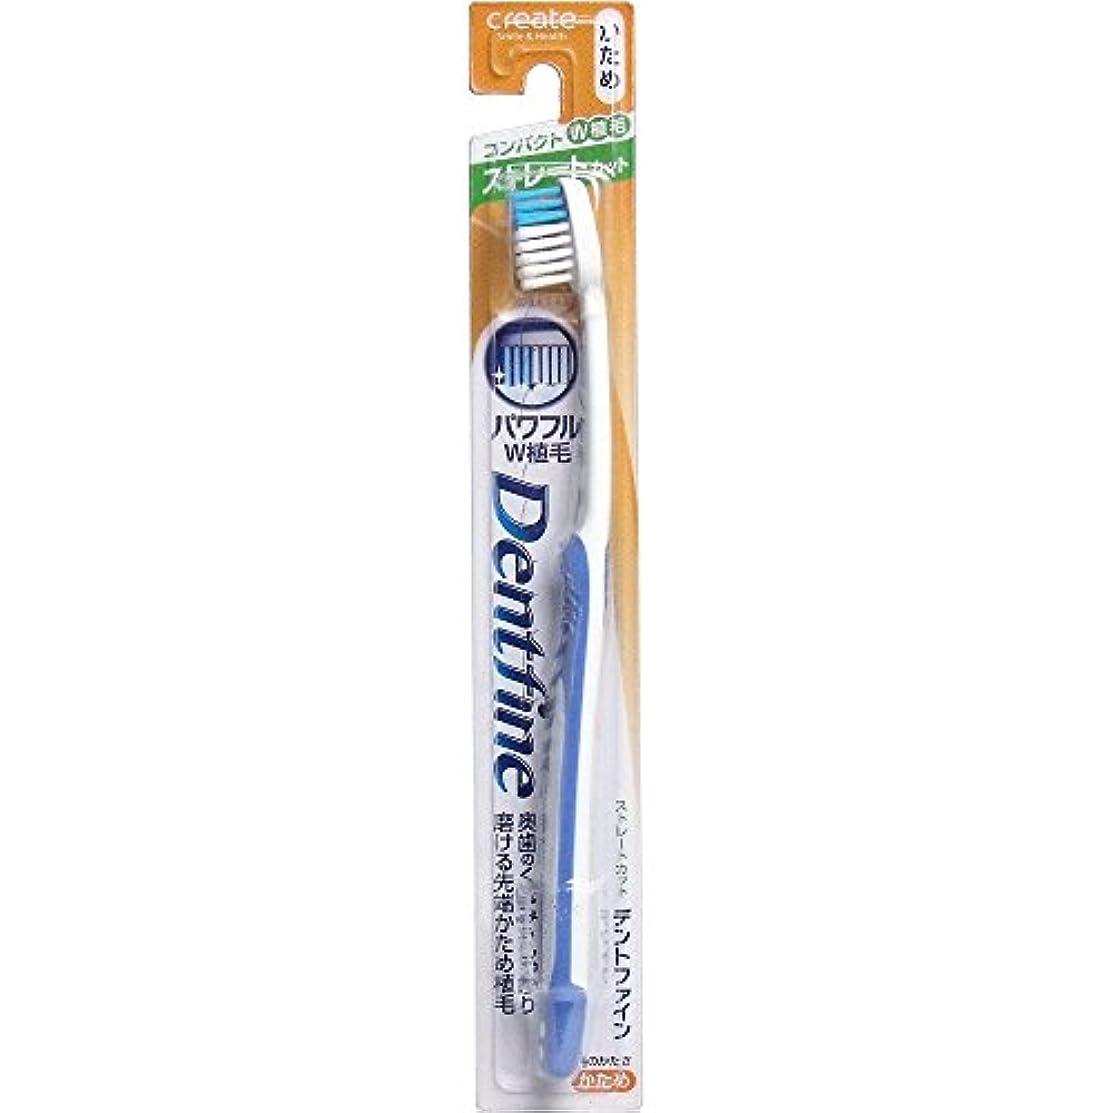 スキルピル是正するデントファイン ラバーグリップ ストレートカット 歯ブラシ かため 1本:ブルー